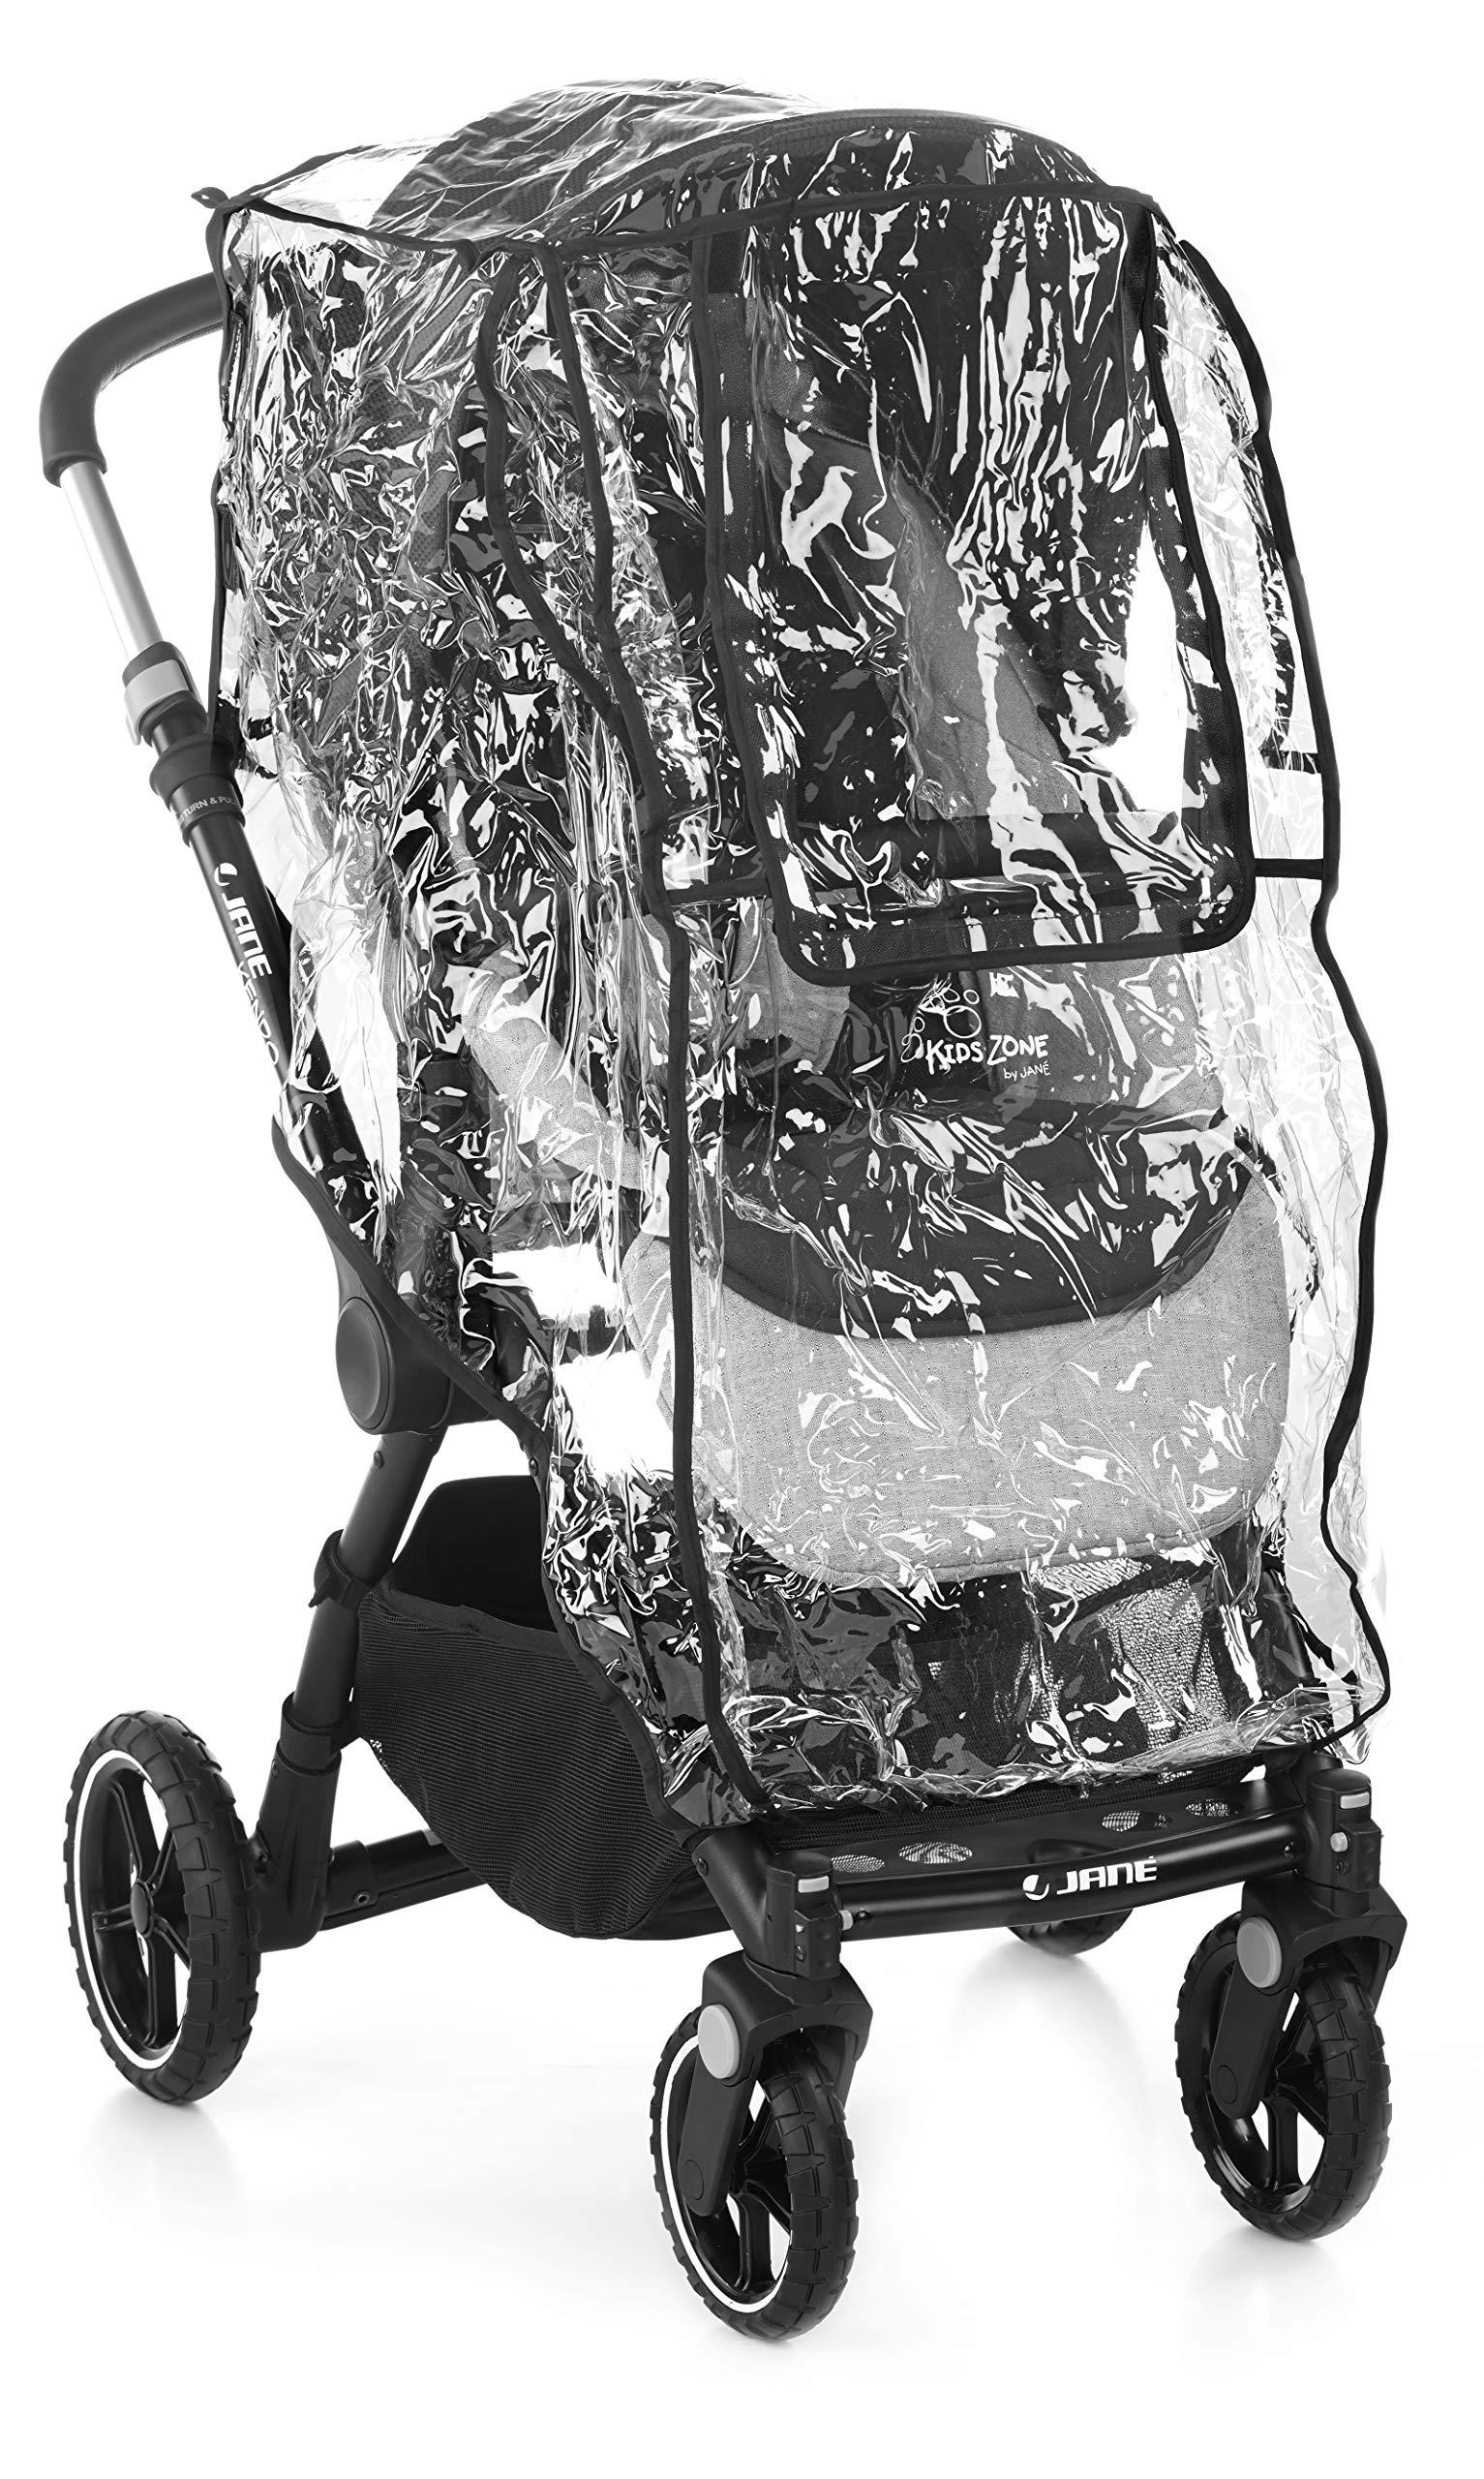 Mejor valorados en Accesorios para silla de paseo ...